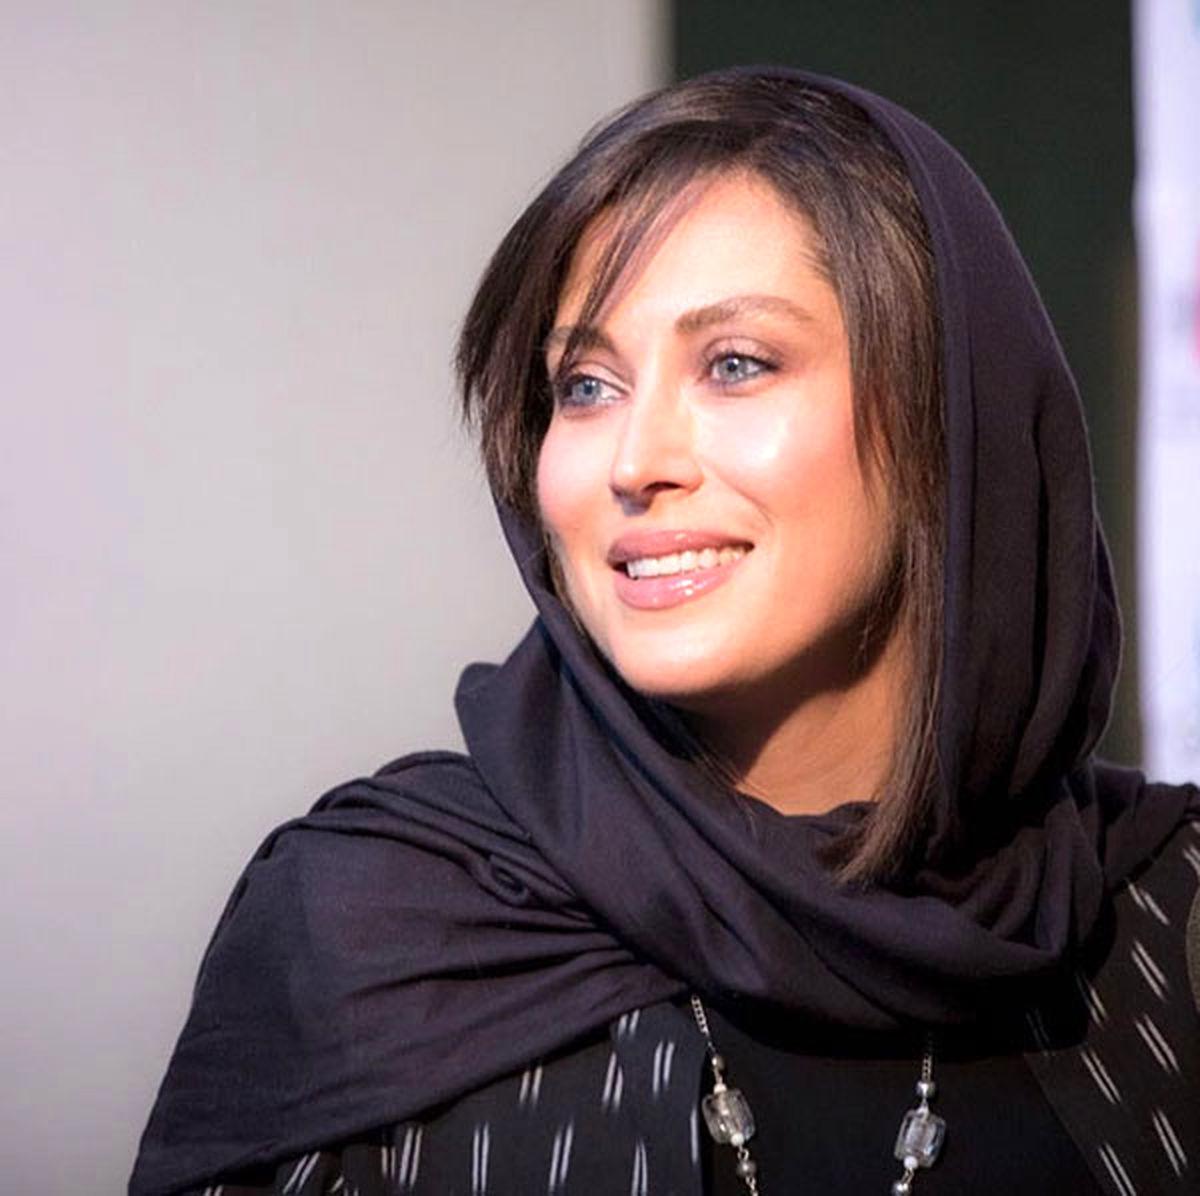 مهتاب کرامتی 50 ساله شد + عکس و بیوگرافی